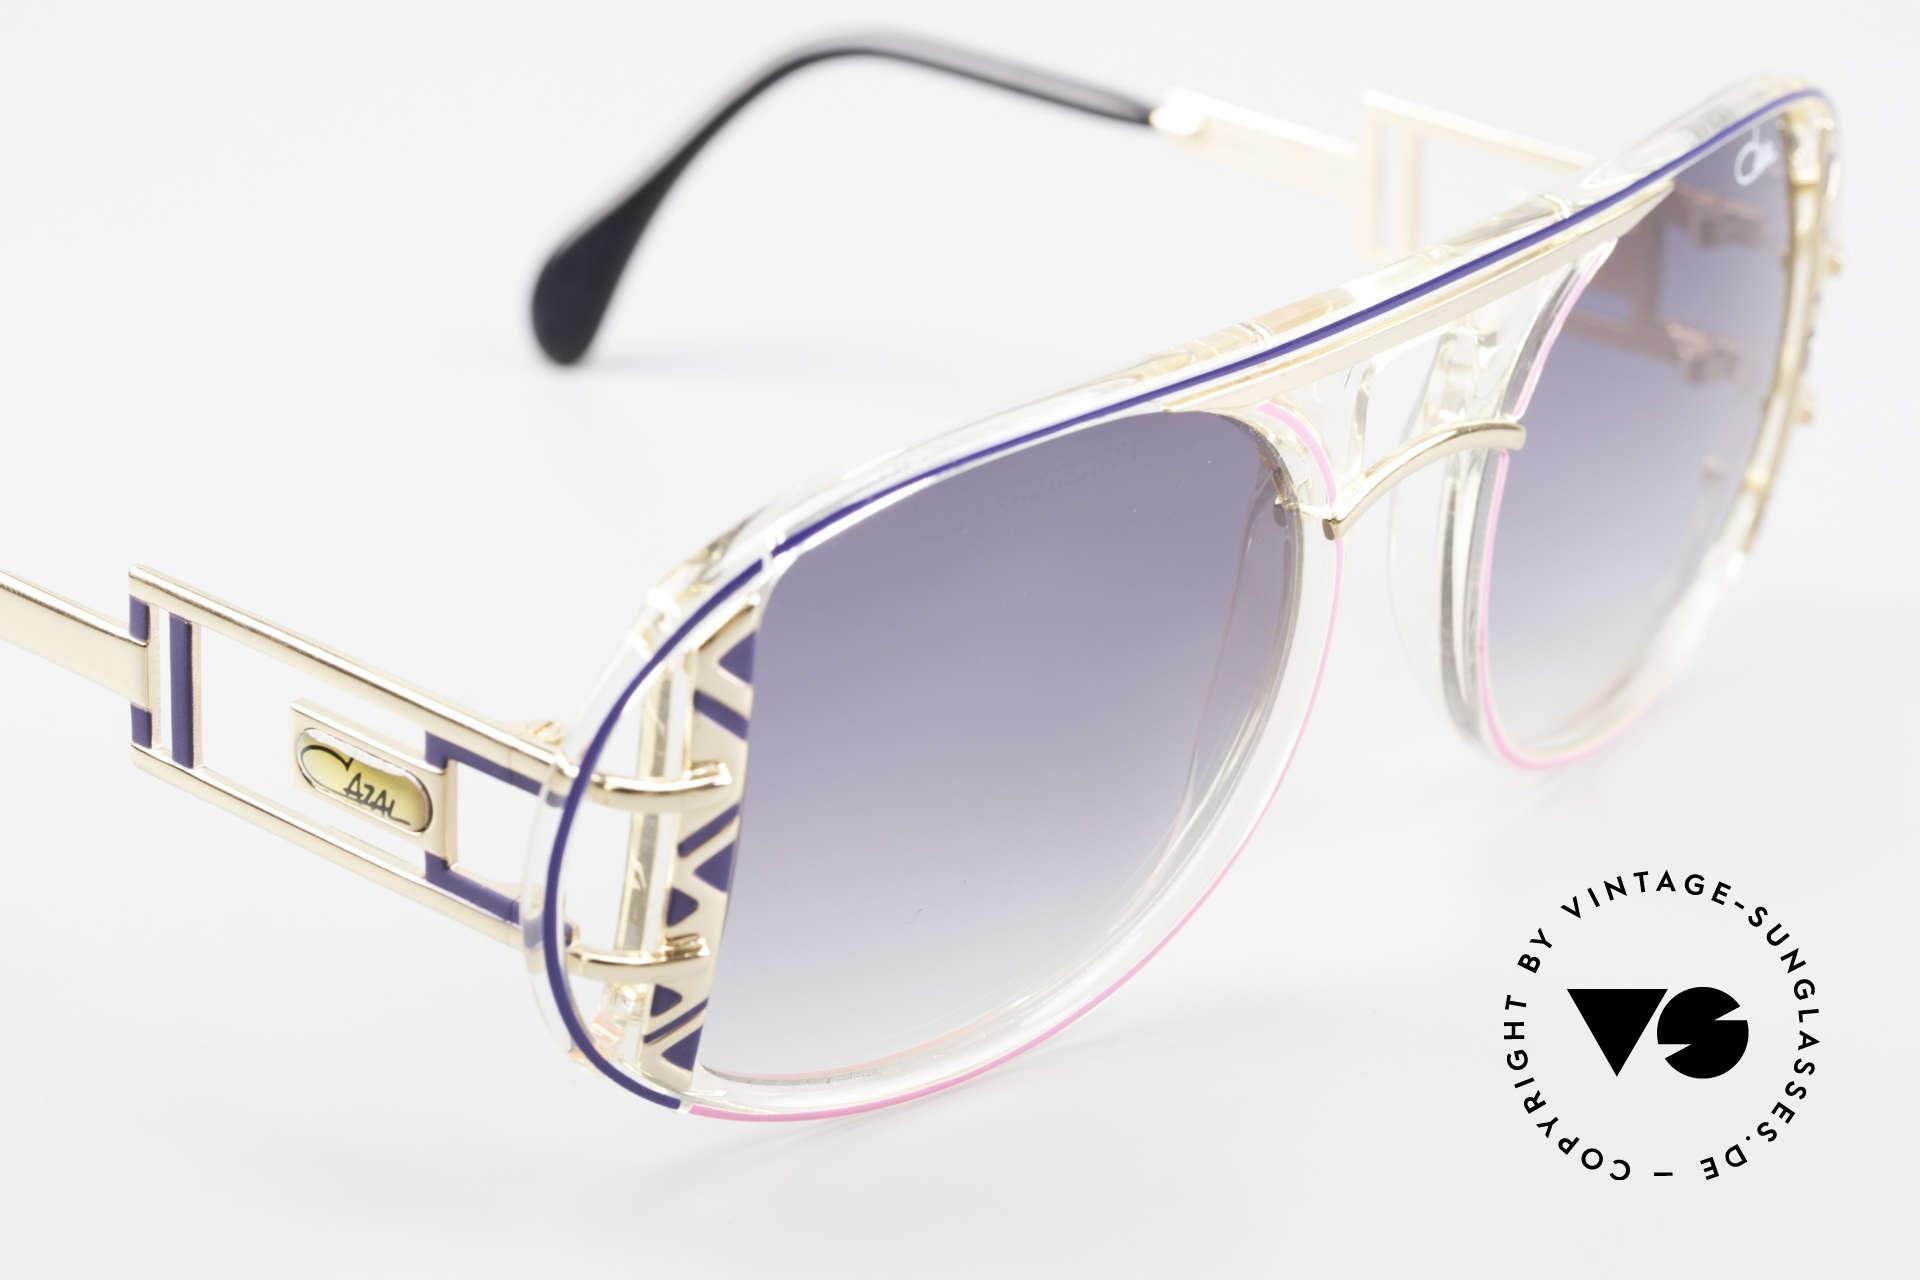 Cazal 875 Rare 90's Designer Sunglasses, unworn (like all our vintage designer sunglasses), Made for Men and Women